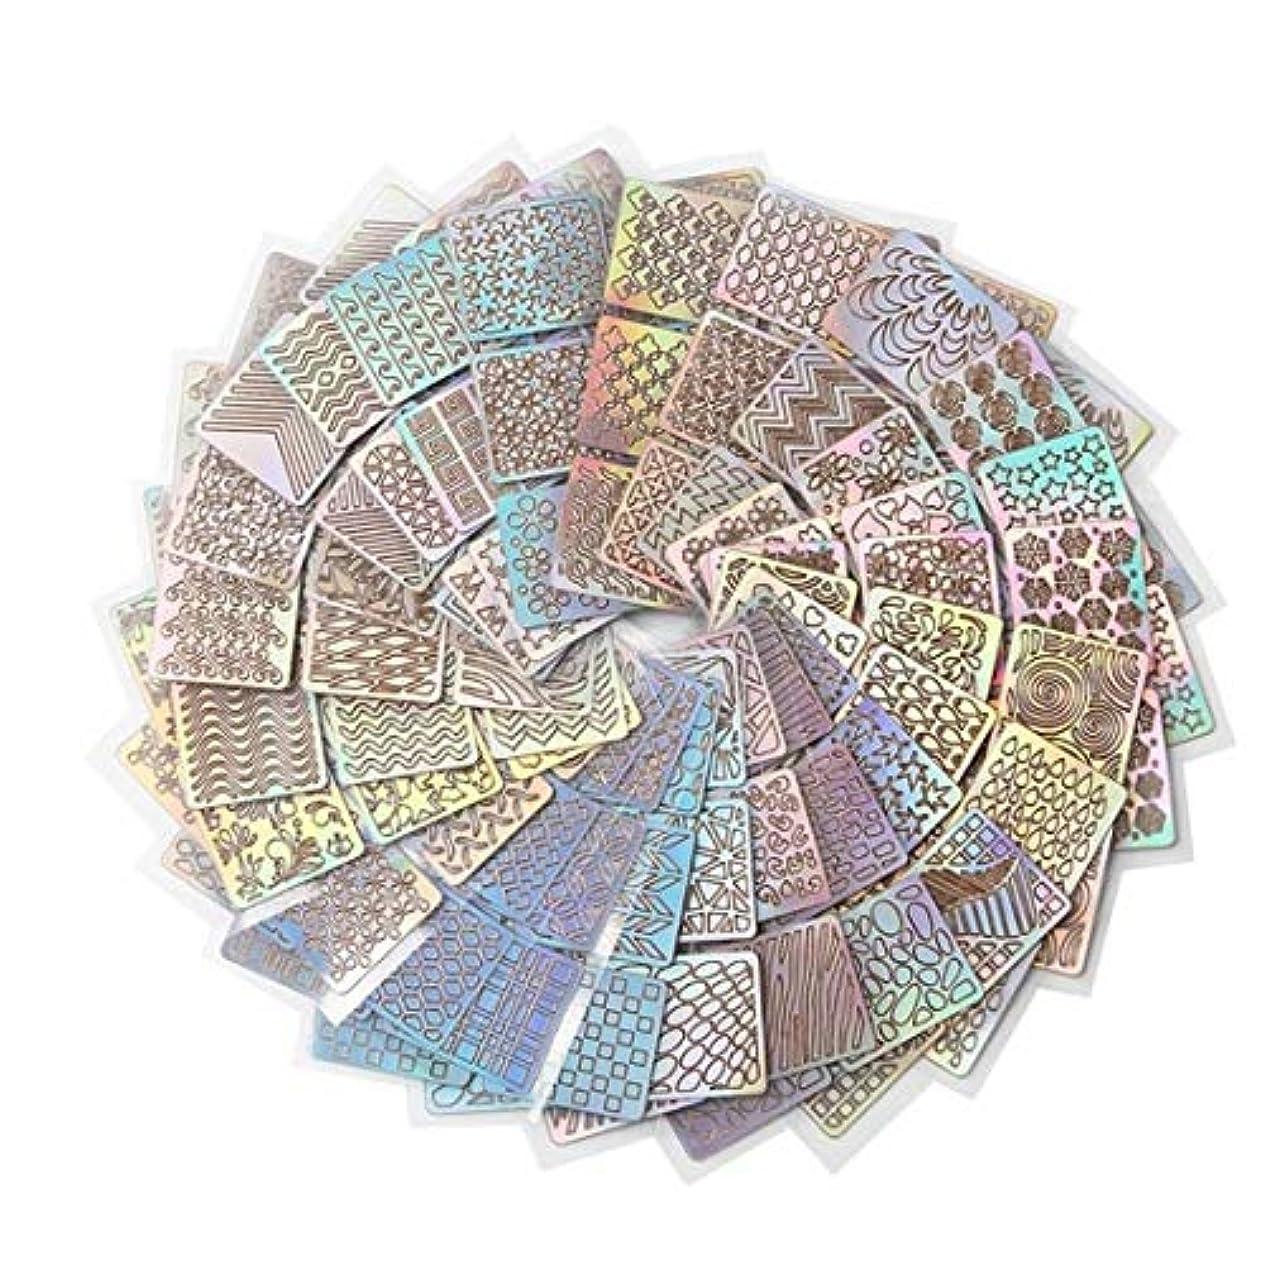 修士号ペデスタルメールを書くALEXBIAN 24スタイルDIYポーランド転送ネイルアートステンシルテンプレートスタンピング中空ステッカービニールマニキュア画像ガイド美容ツール